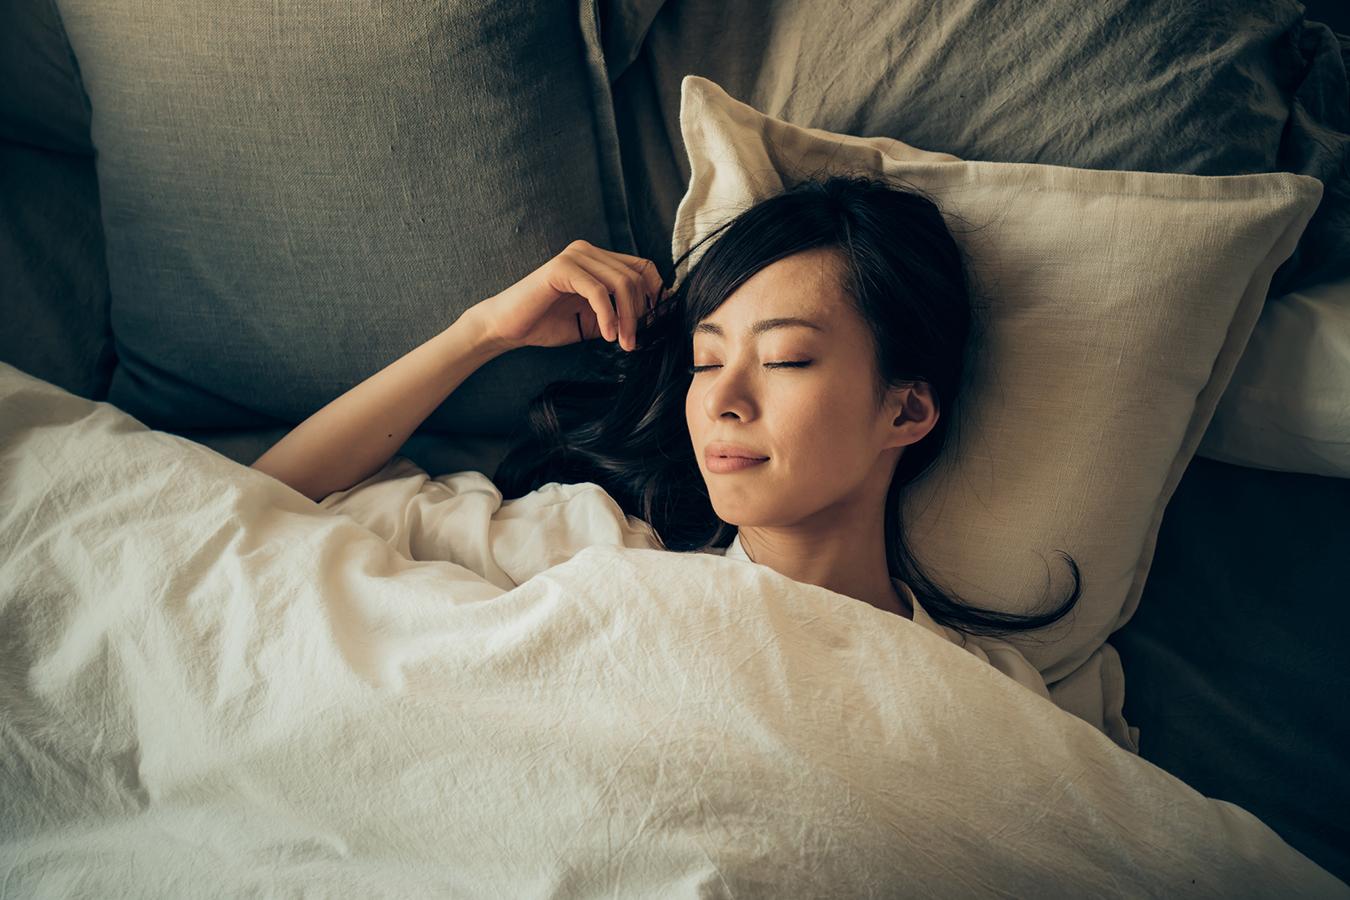 美しさは良い睡眠から〜データが実証する睡眠と美容の関係とは?